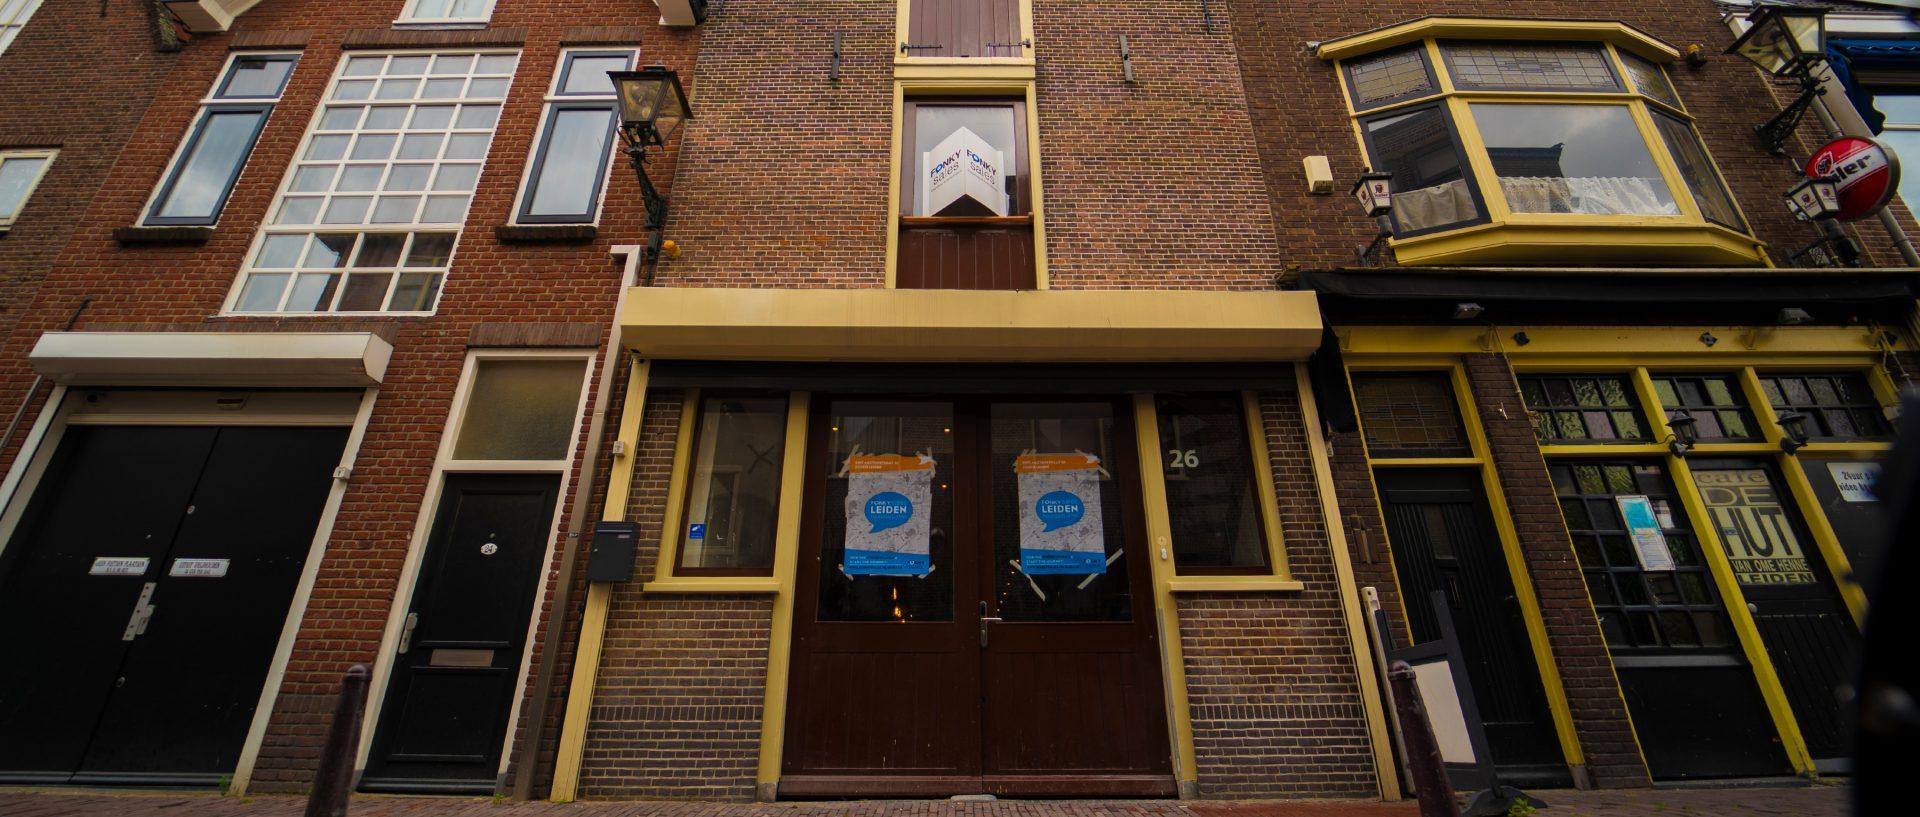 Pand bijbaan Leiden